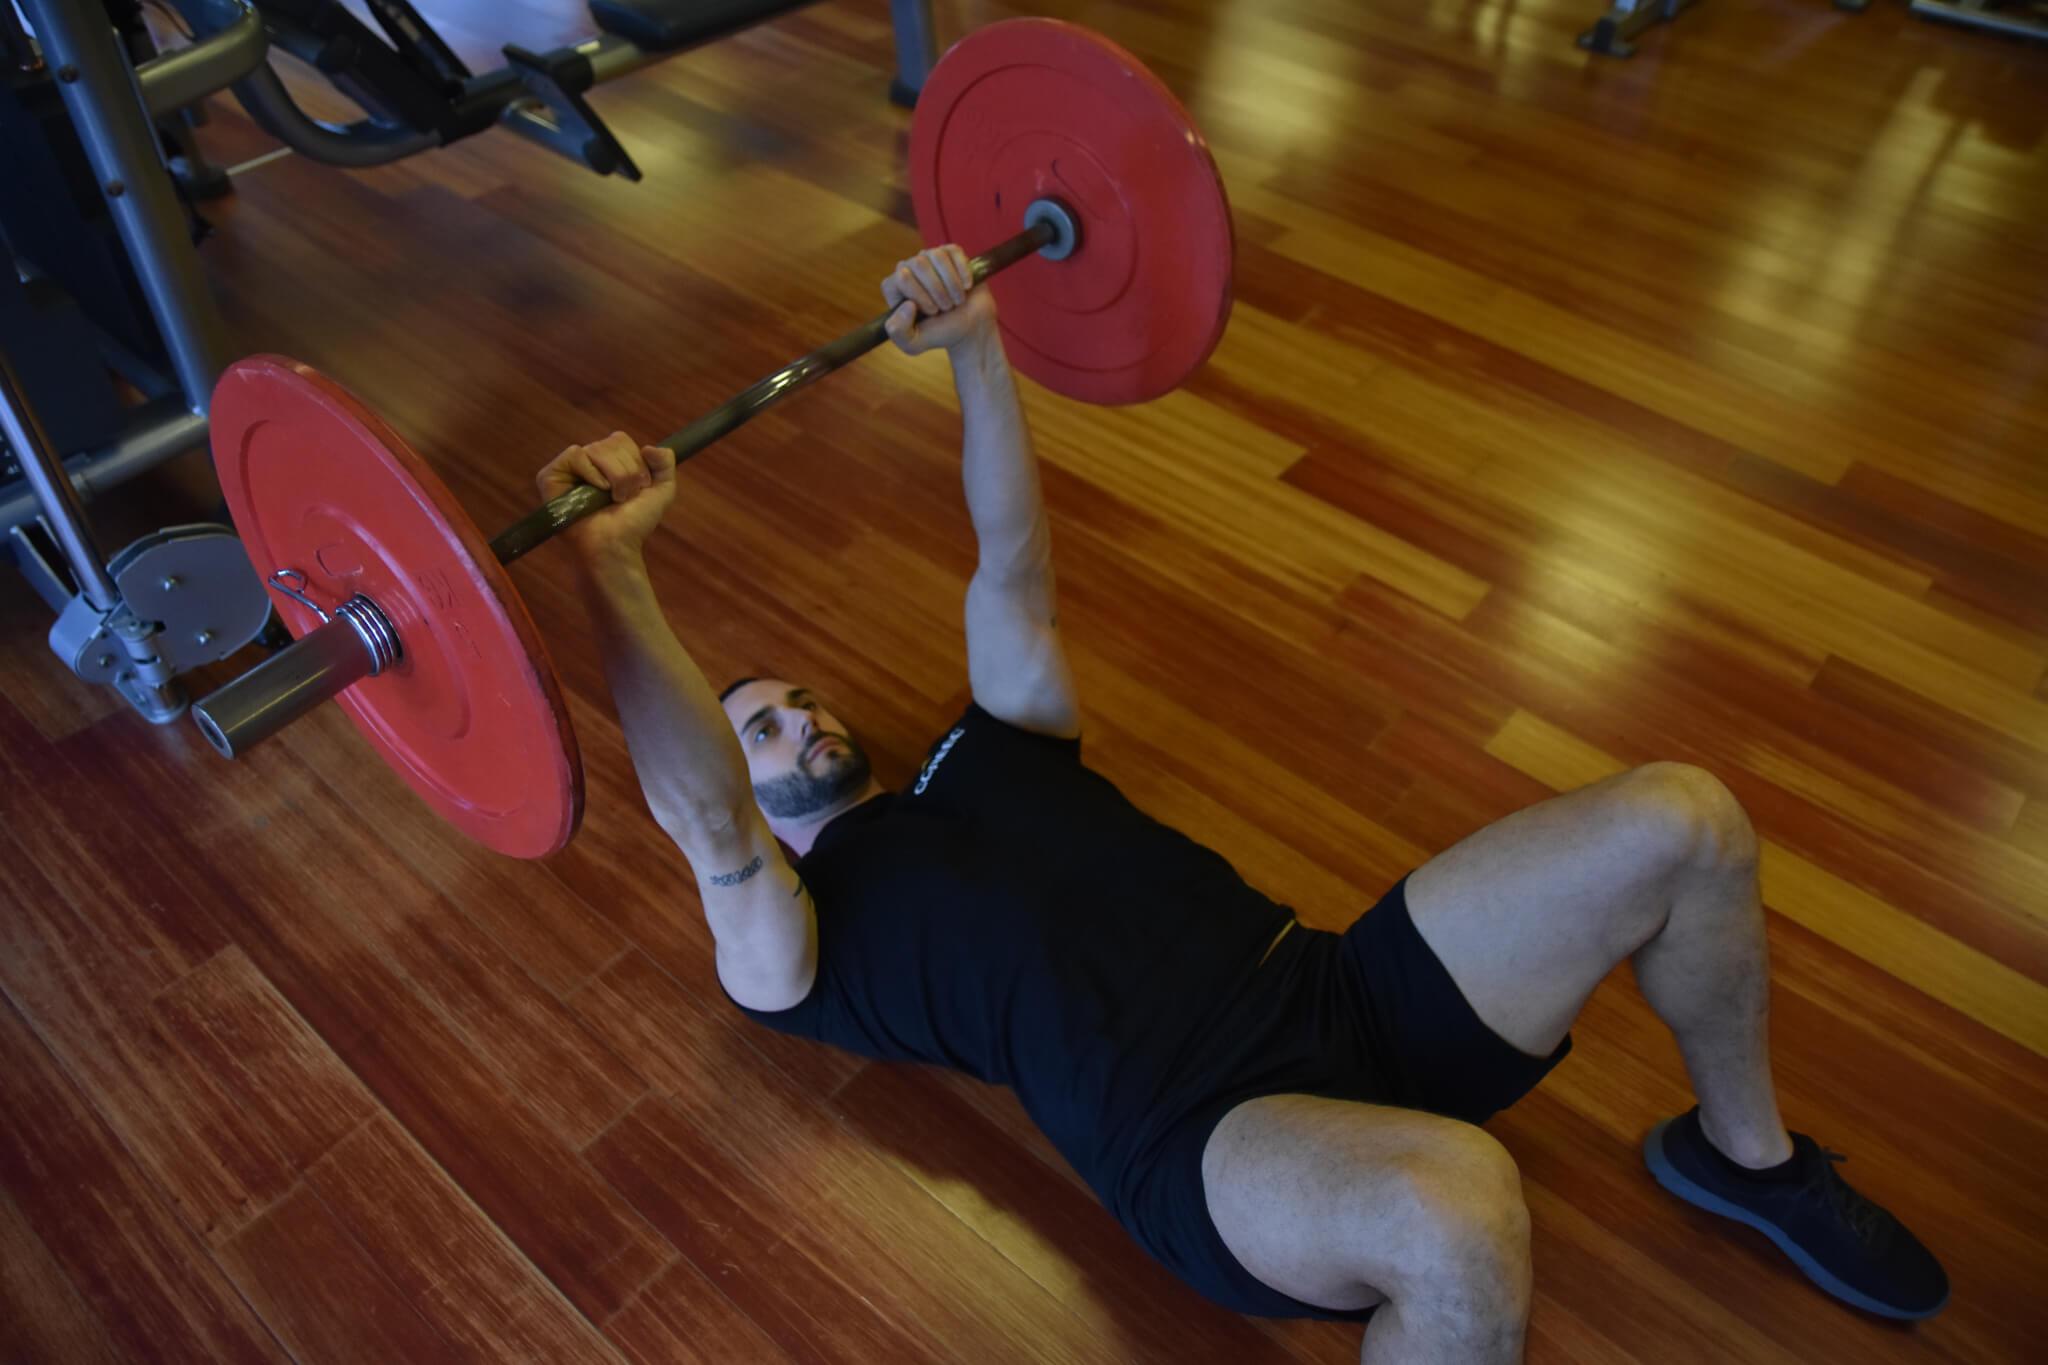 Esercizi di muscolazione per il tricipite brachiale. French press